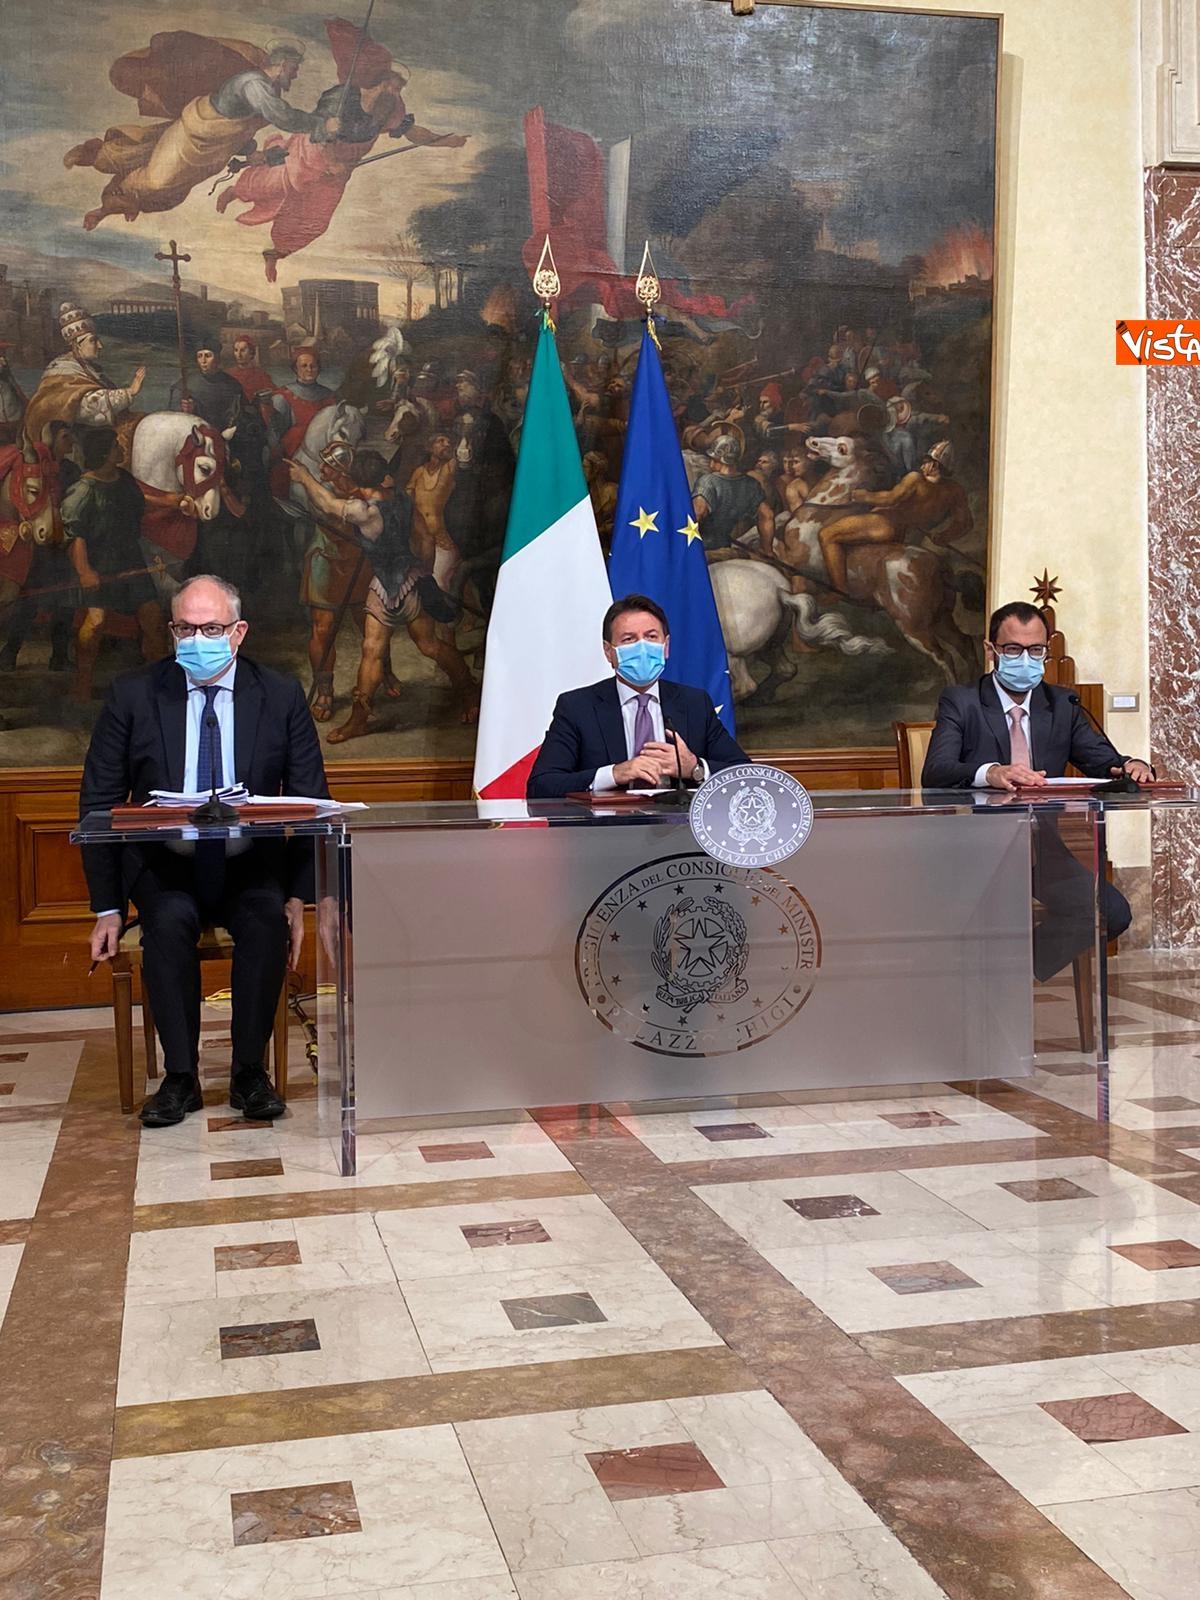 Dl ristori Conte Gualtieri e Patuanelli in conferenza stampa a Palazzo Chigi_05